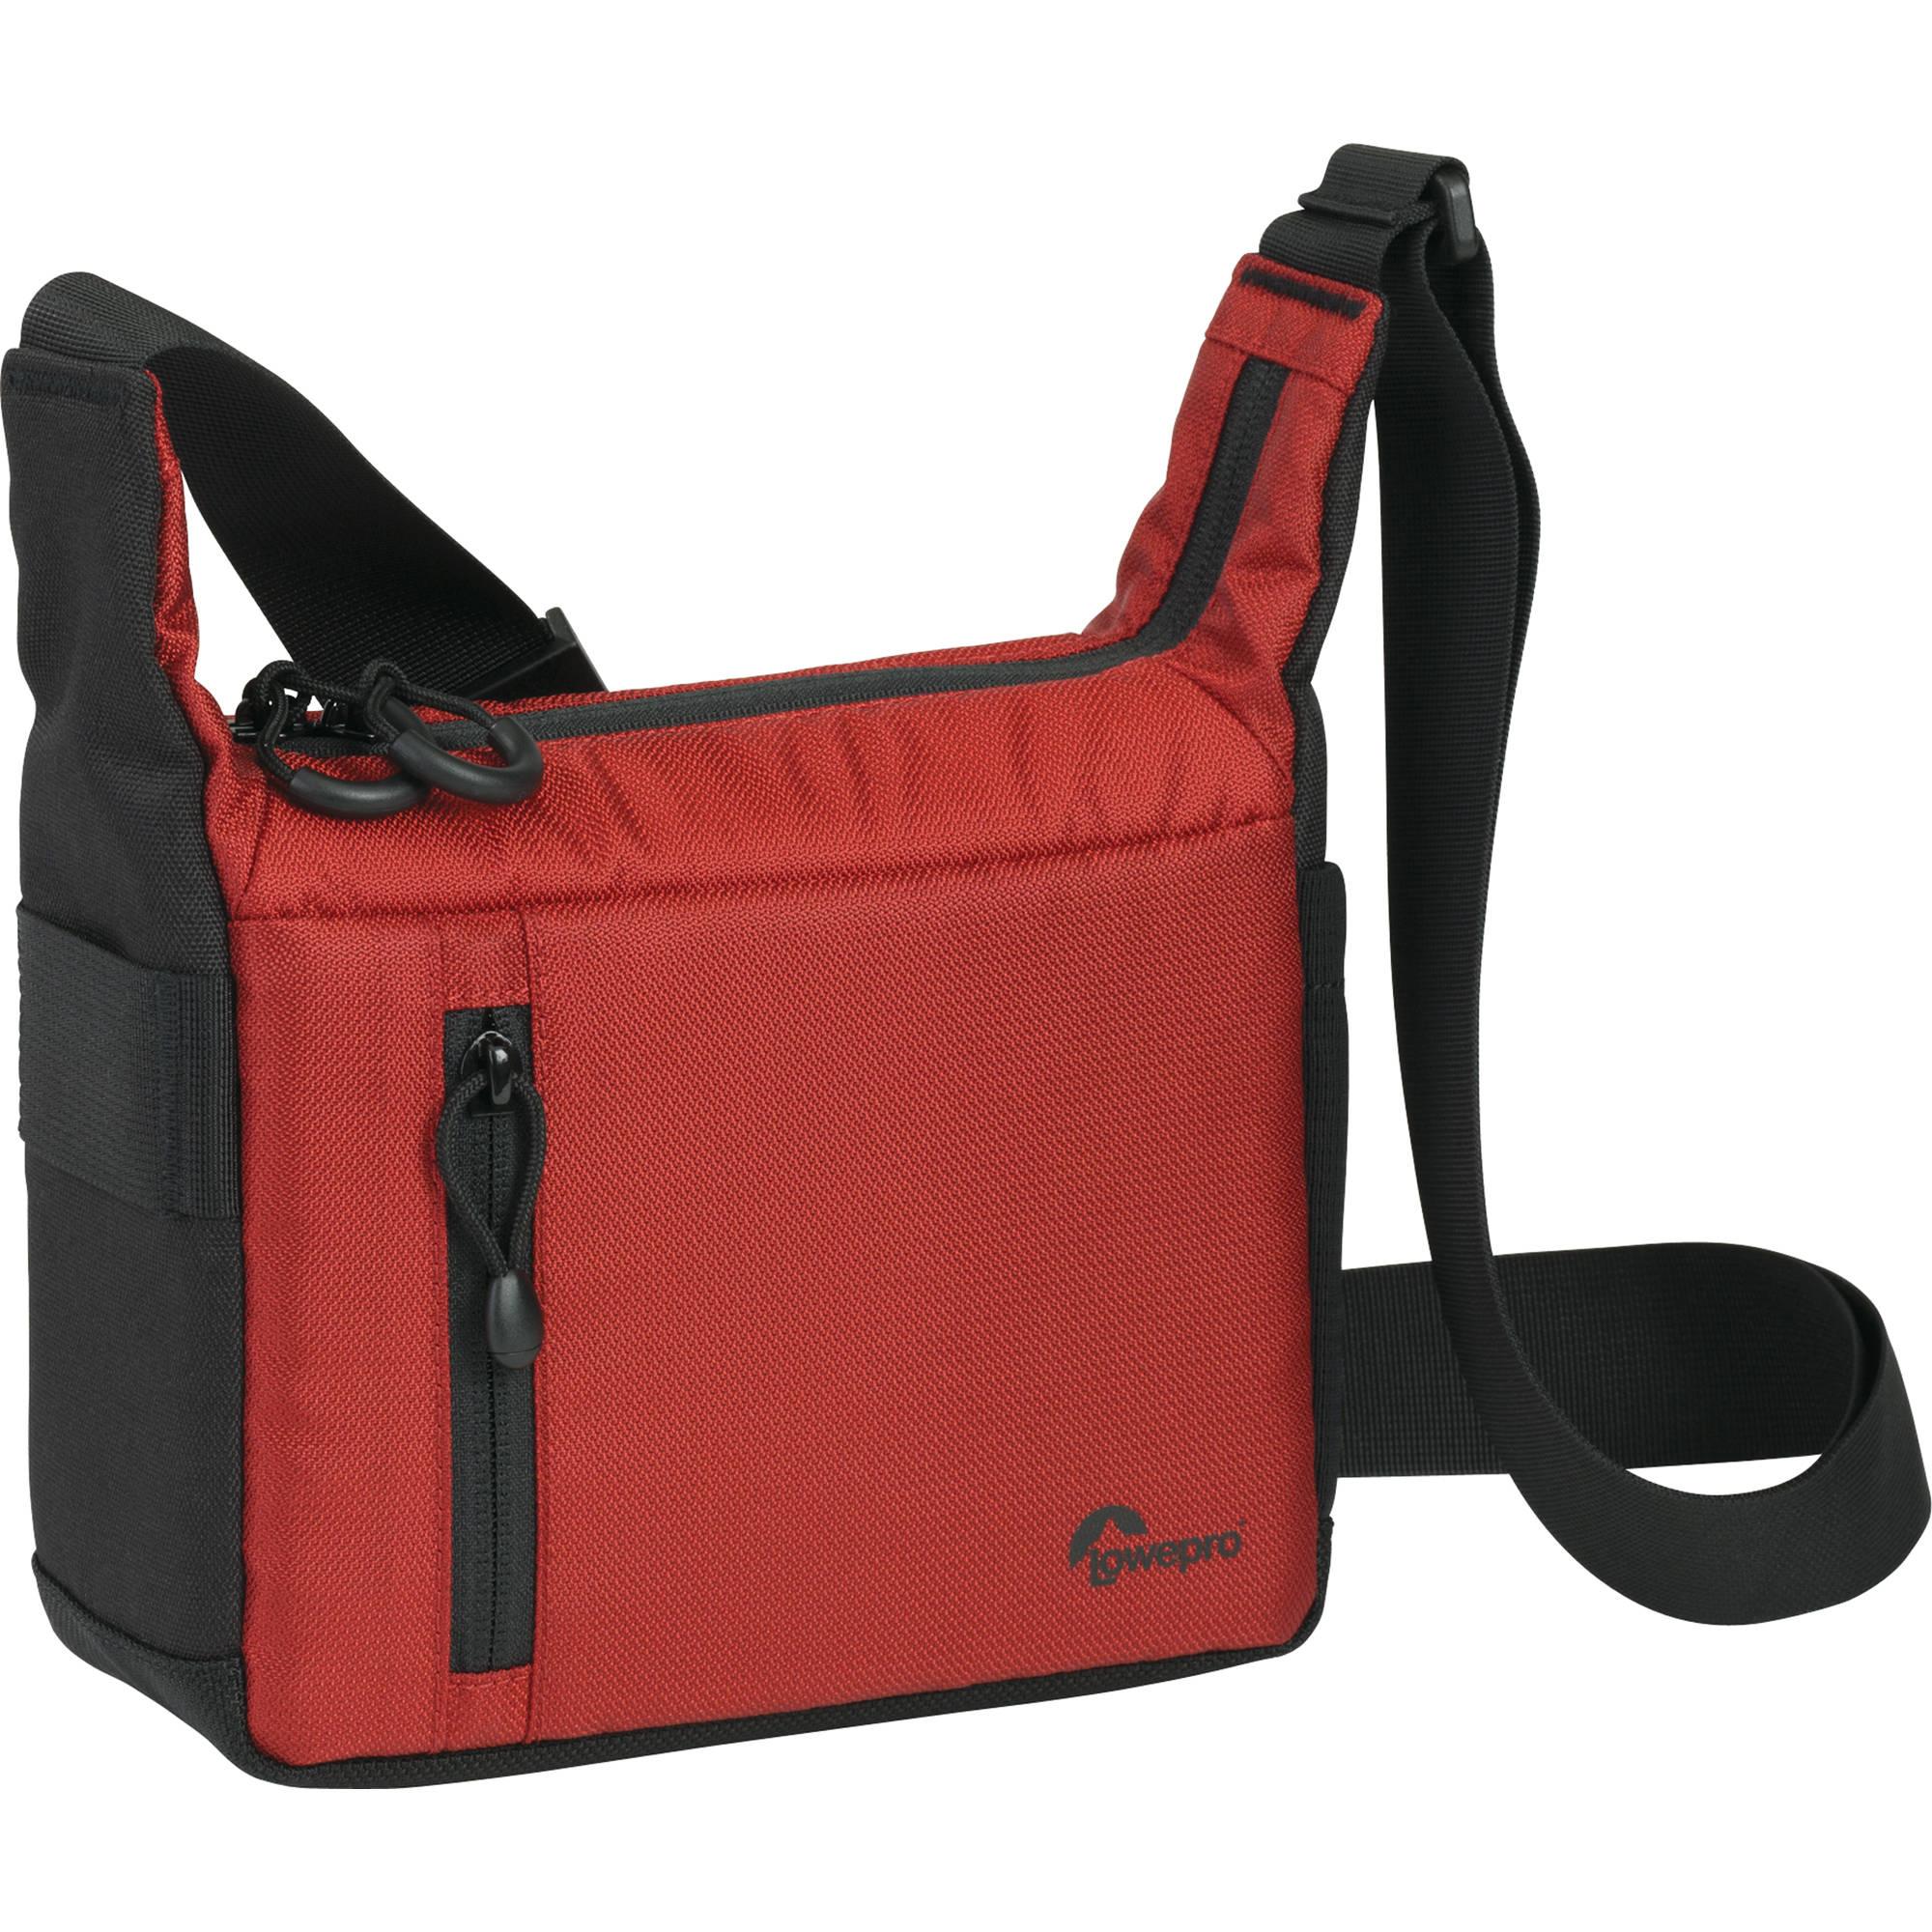 Lowepro Streamline 100 Shoulder Bag For Camera 27